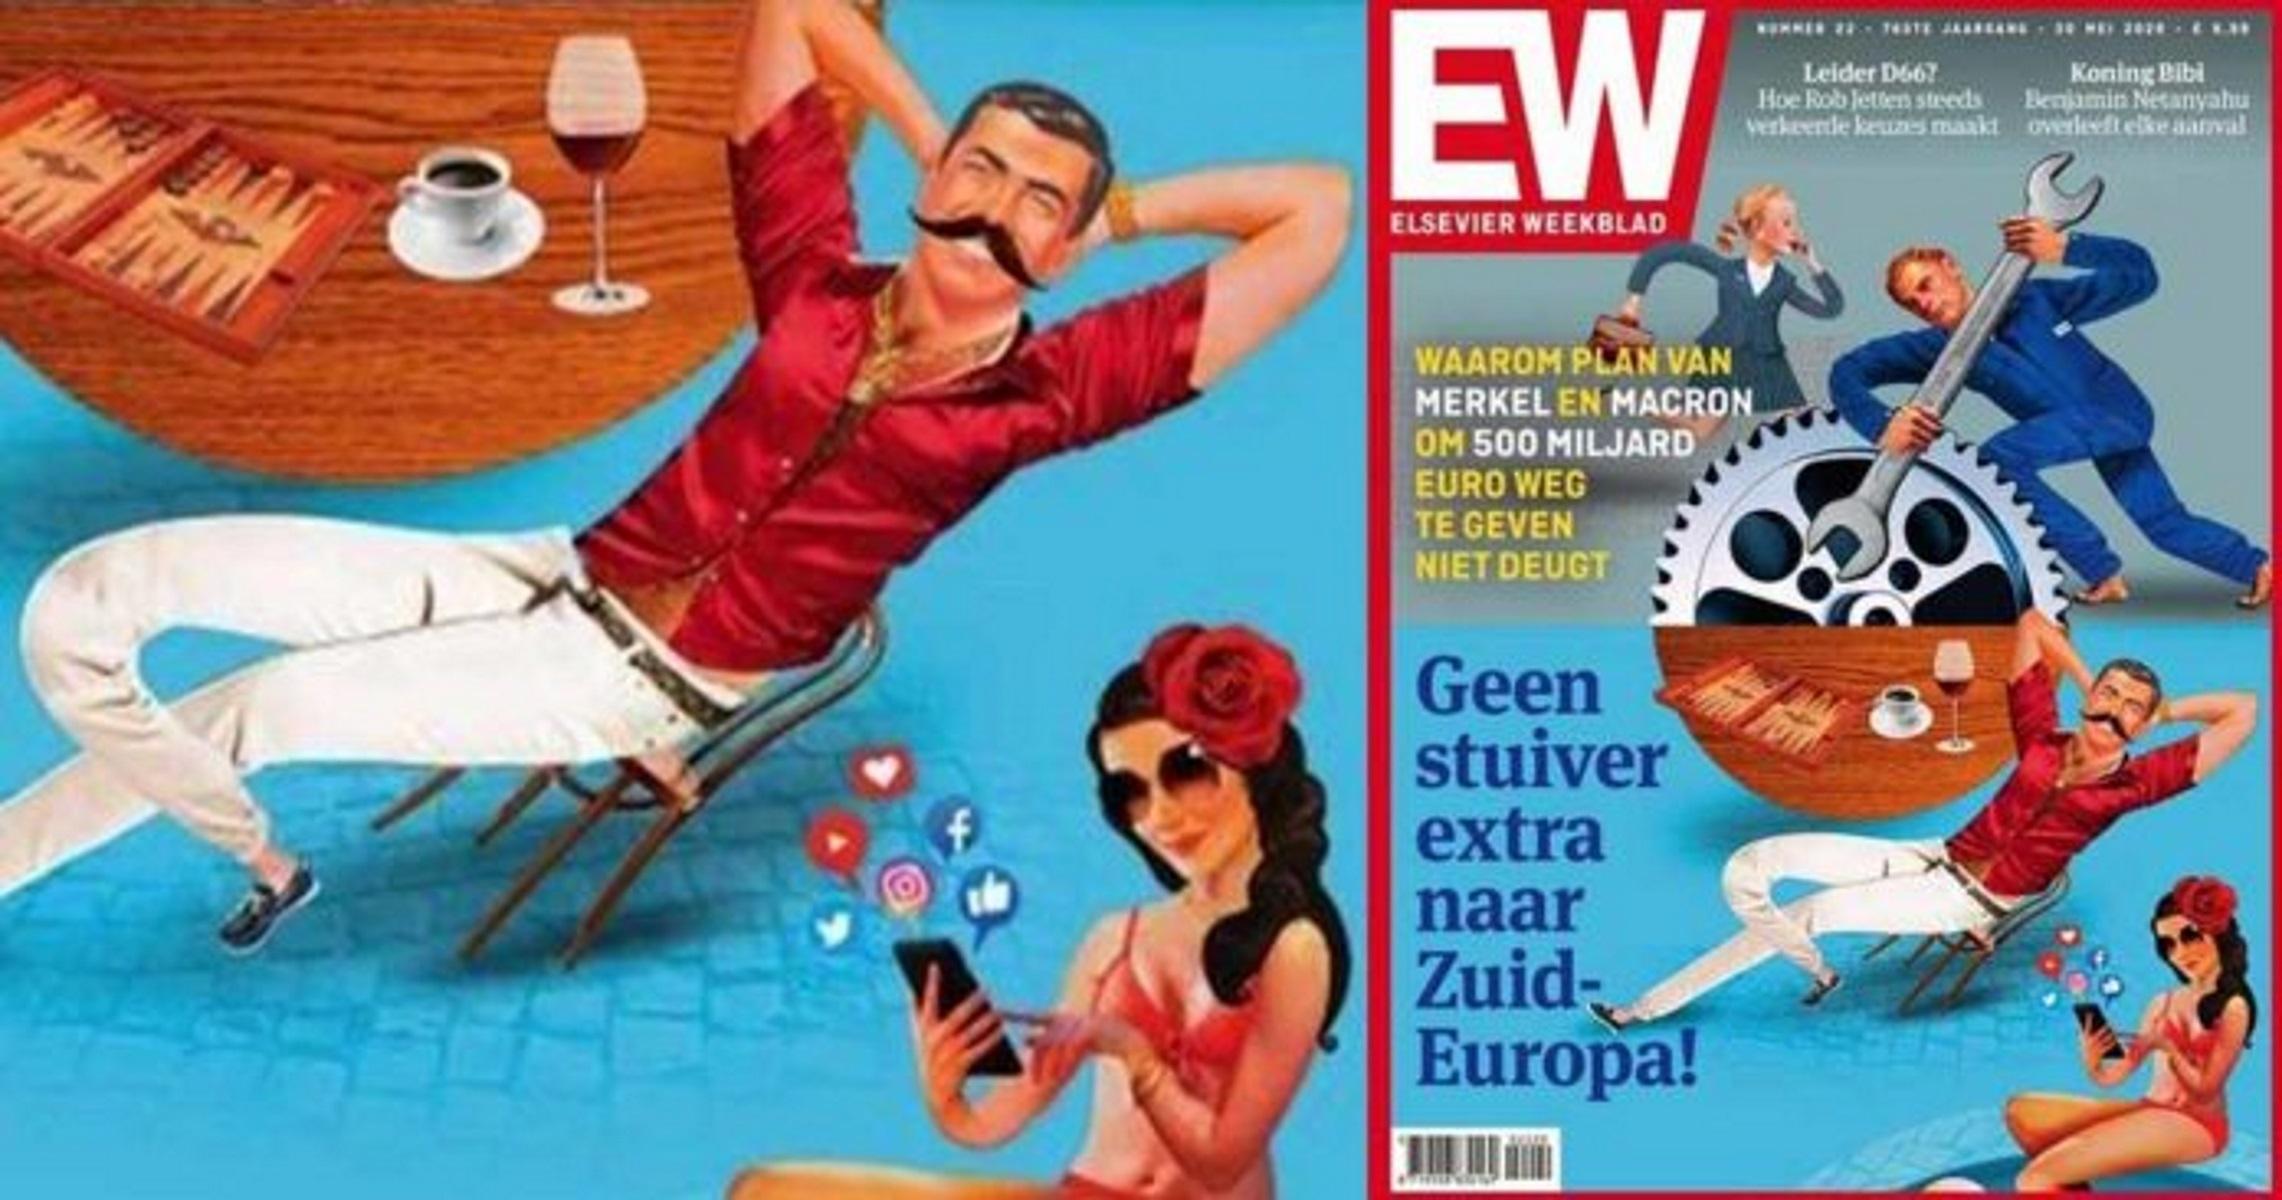 """Σάλος με ολλανδικό περιοδικό: """"Τεμπέληδες"""" οι Έλληνες και οι άλλοι κάτοικοι της Νότιας Ευρώπης"""